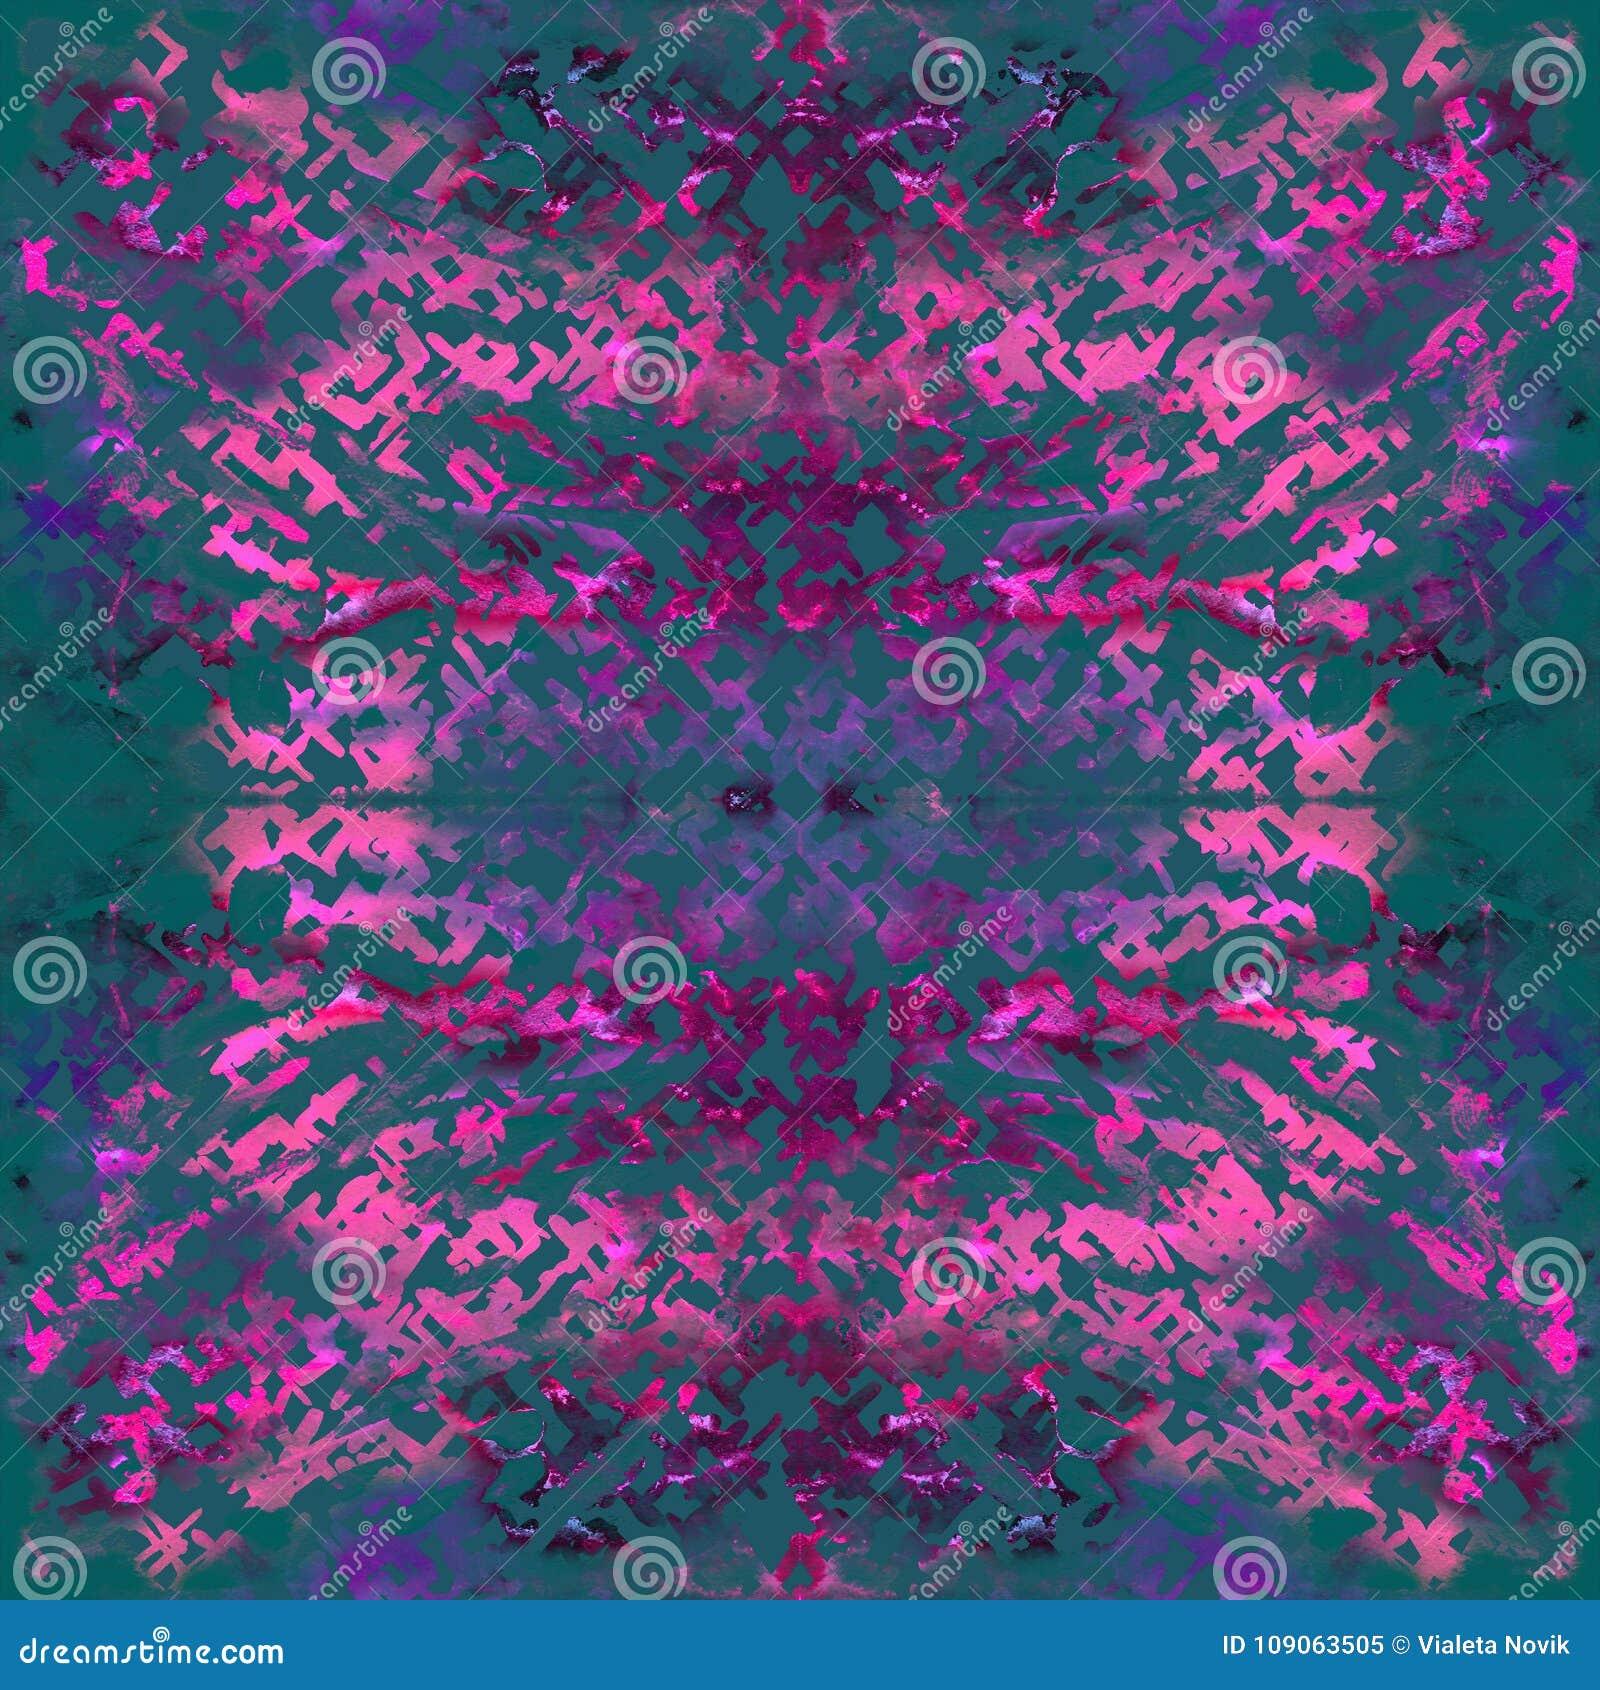 71472182 Tie dye seamless pattern. Hand drawn shibori print. Ink textured japanese  background. Modern batik wallpaper tile. Watercolor endless backdrop.  Colored ...